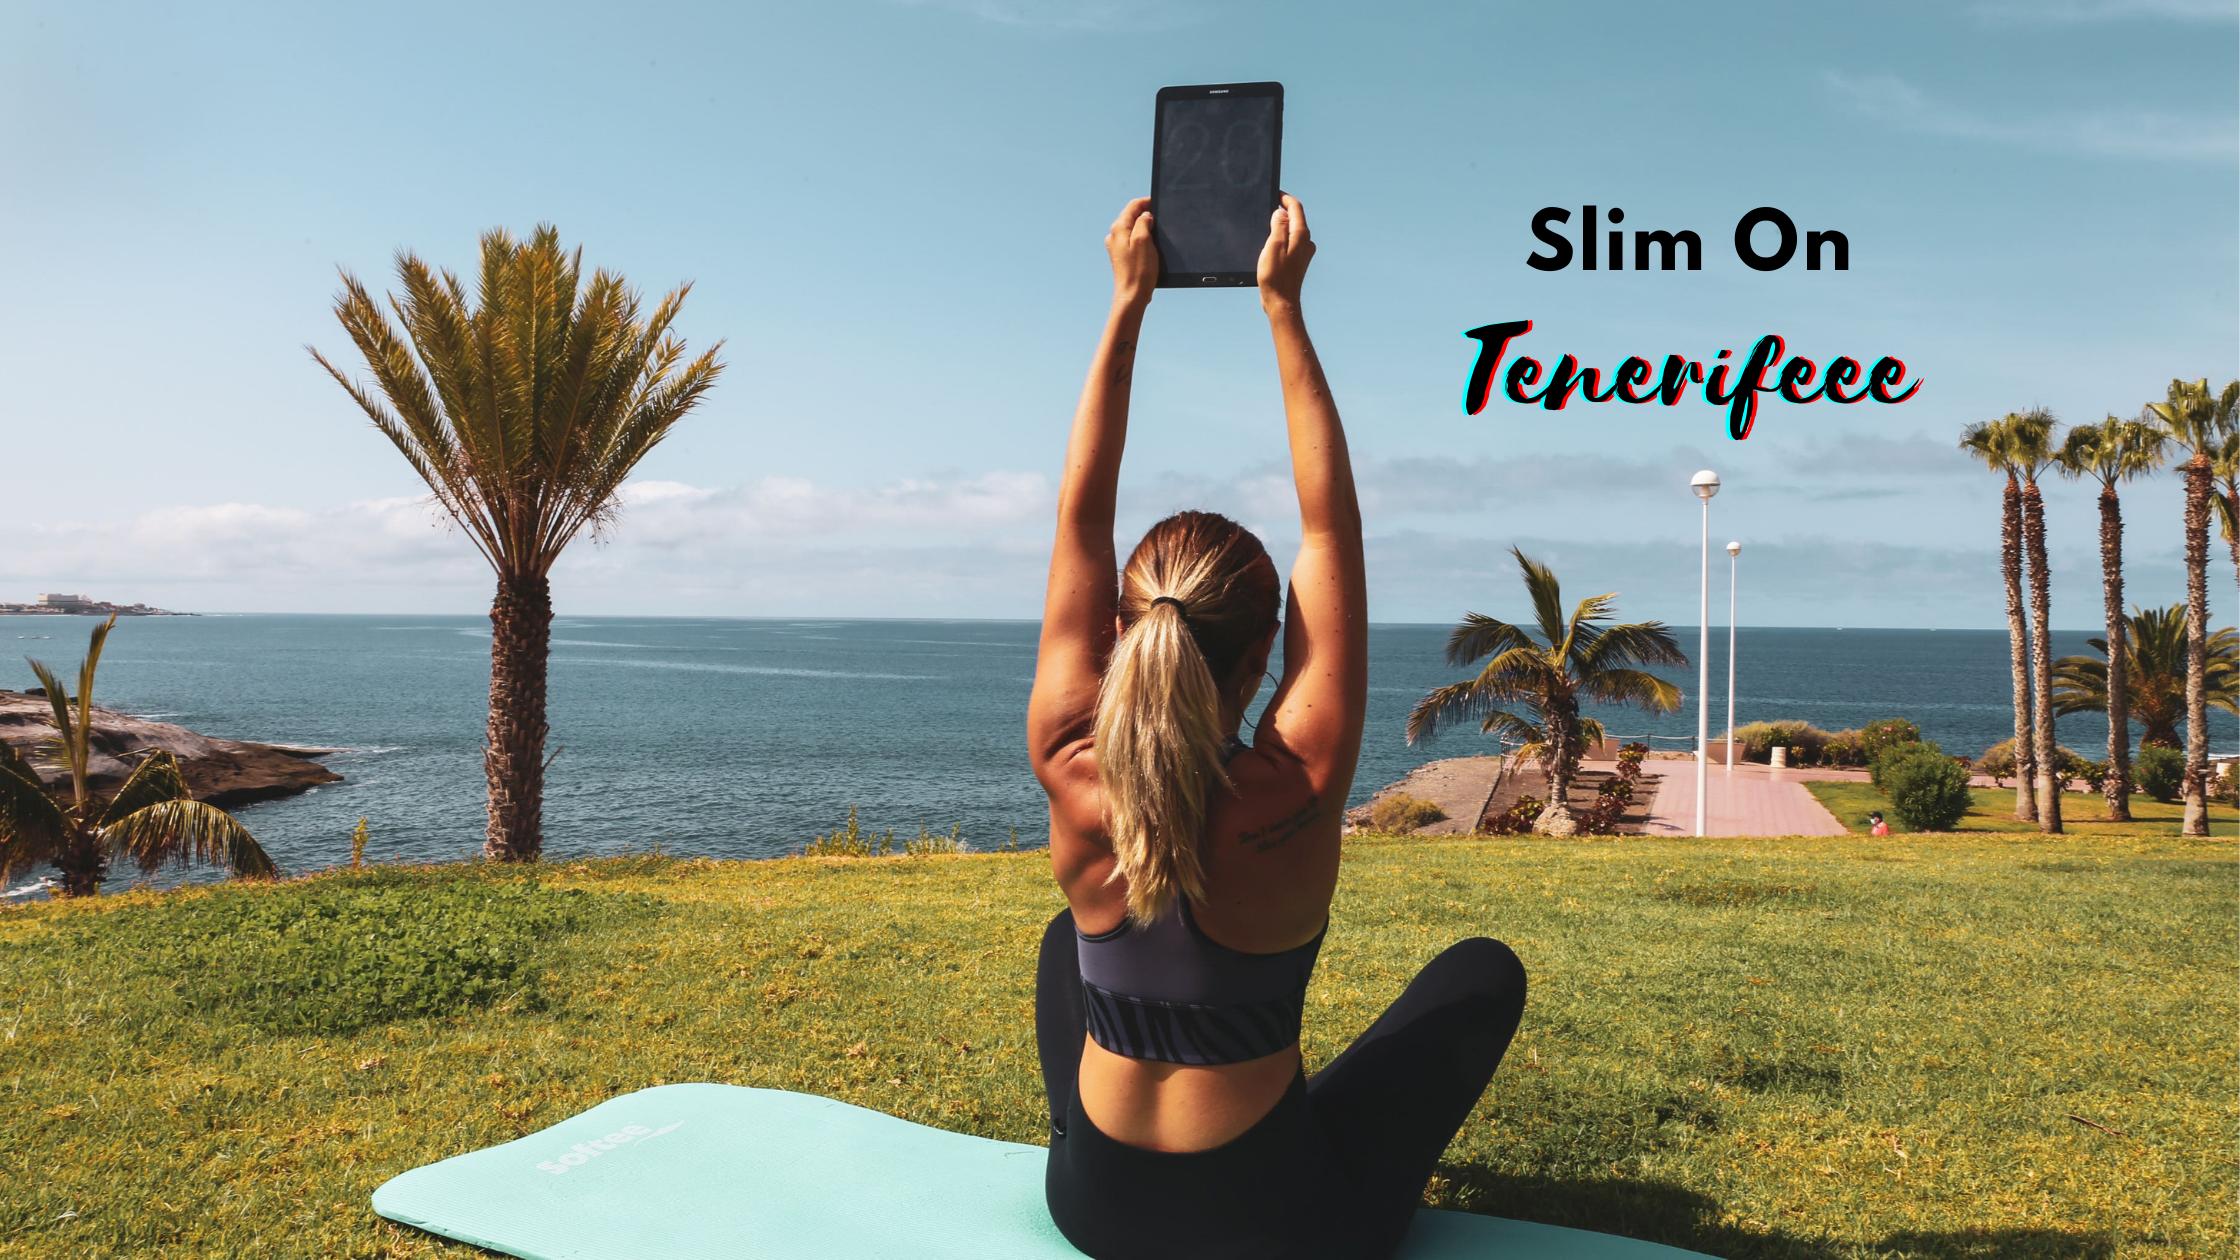 Din iunie, mă antrenez cu Slim On în… Tenerife